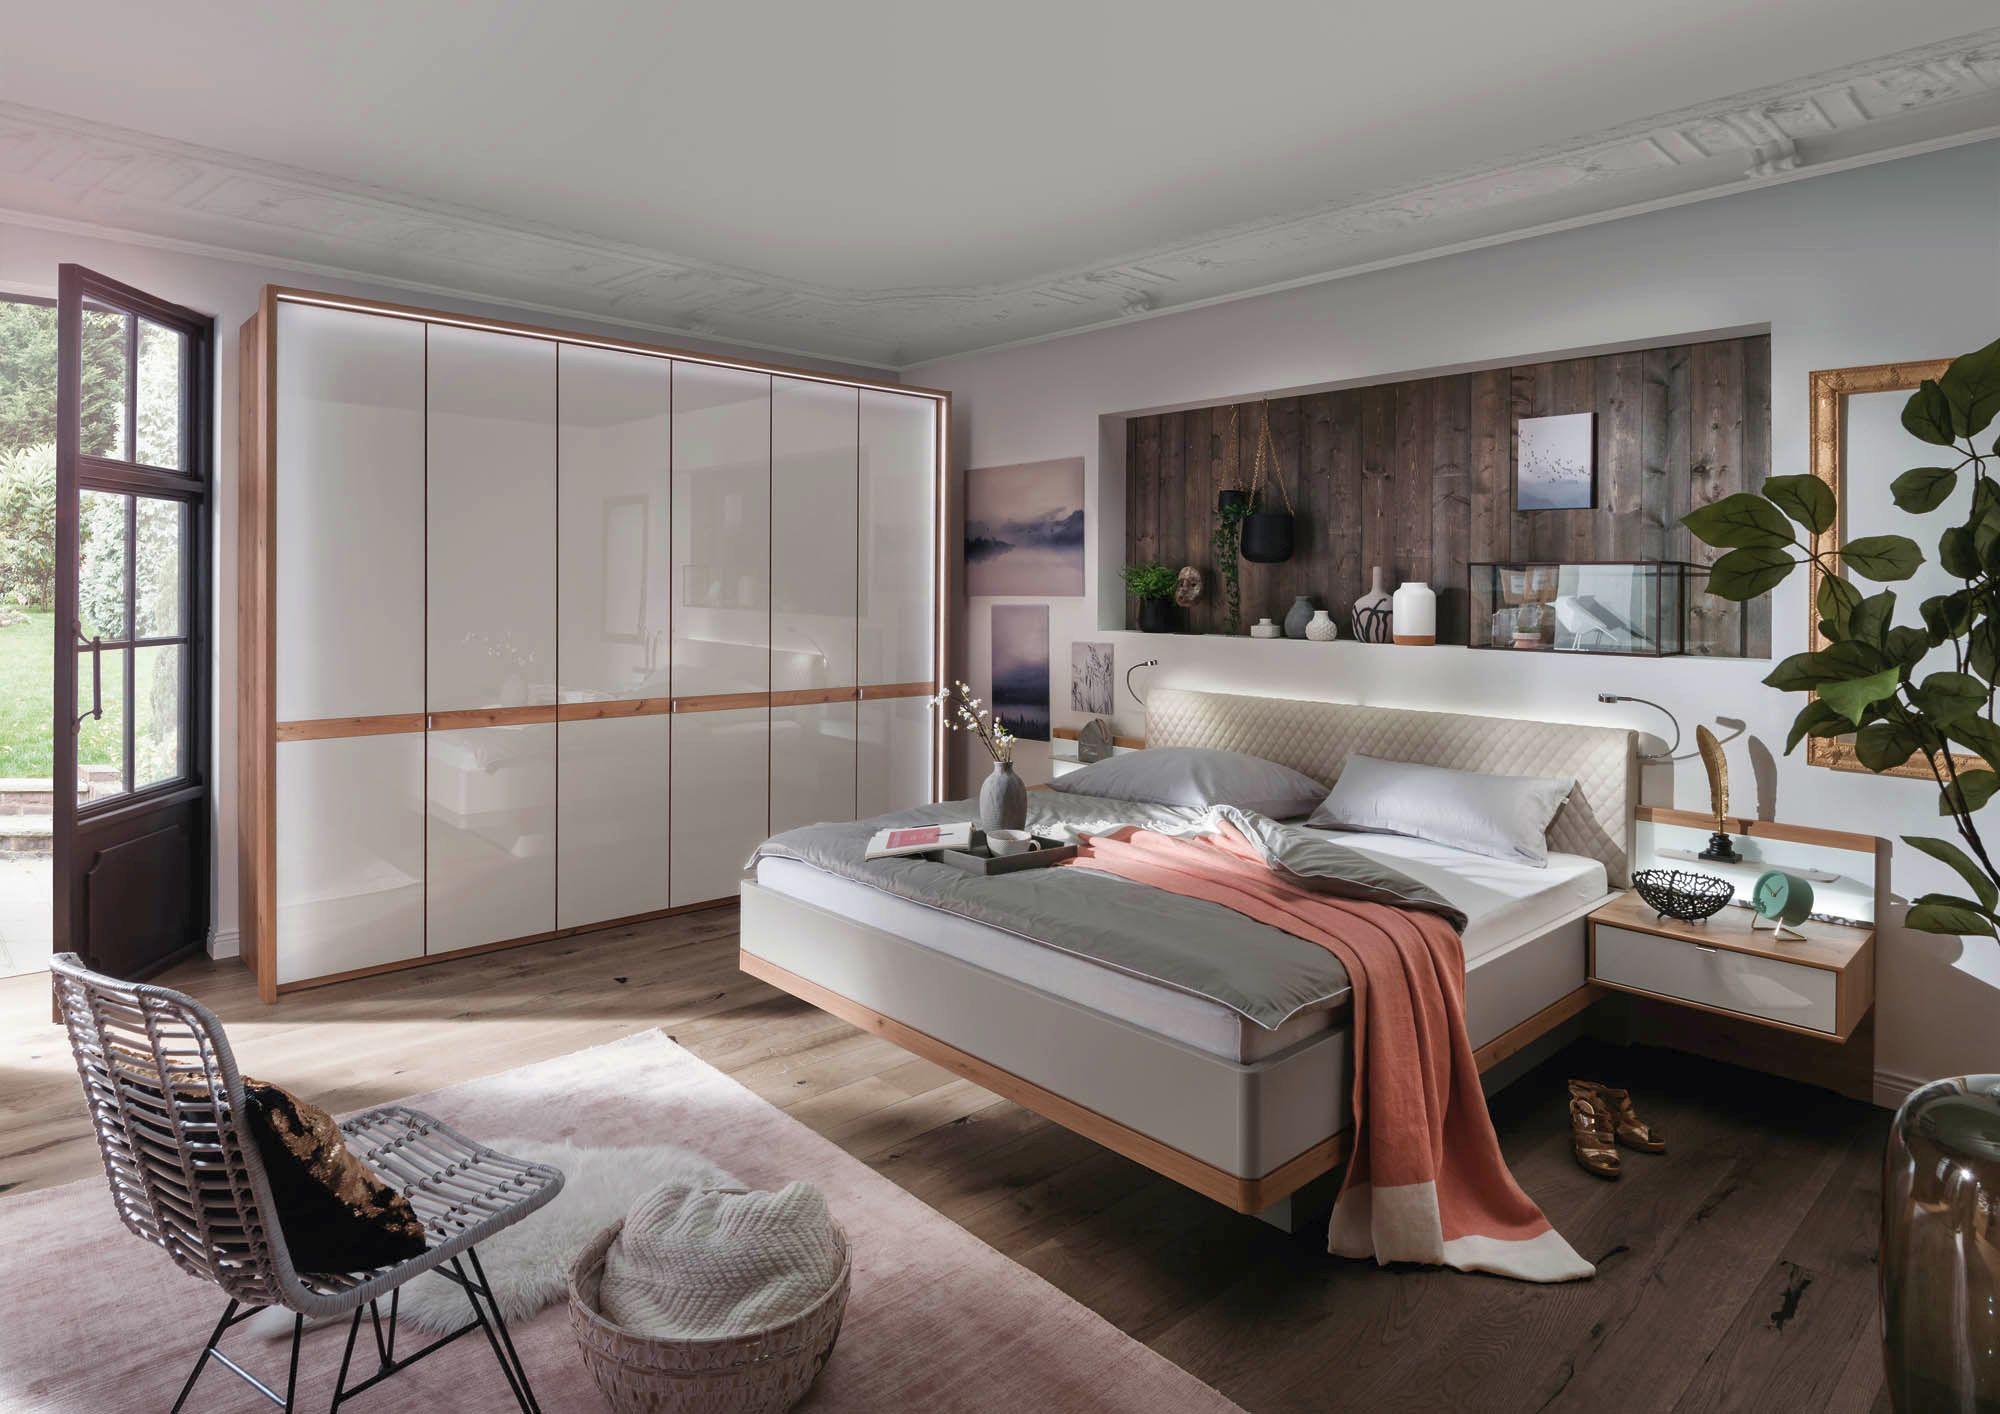 Full Size of Schlafzimmer Komplett Modern Massiv Luxus Weiss Set Wiemann 2020 Mayer Mbel Schimmel Im Moderne Duschen Vorhänge Massivholz Wandtattoo Esstisch Günstig Wohnzimmer Schlafzimmer Komplett Modern